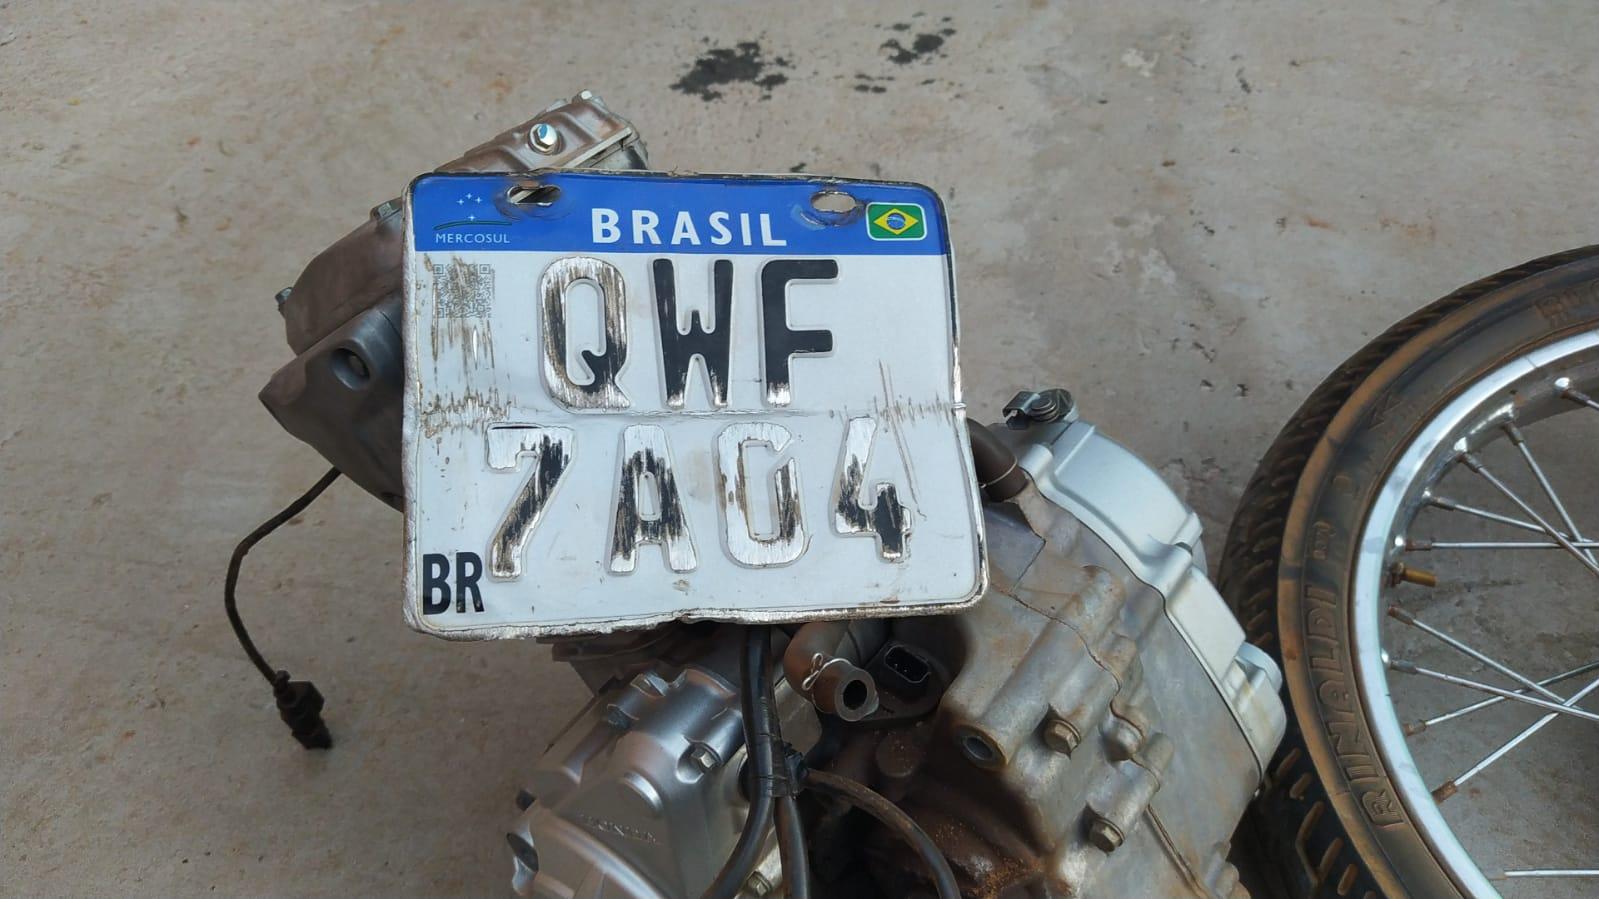 Placa e motor da motocicleta da havia sido roubada e desmontada para retirar as peças – Foto: Alessandro Ferreira / Agência Tocantins